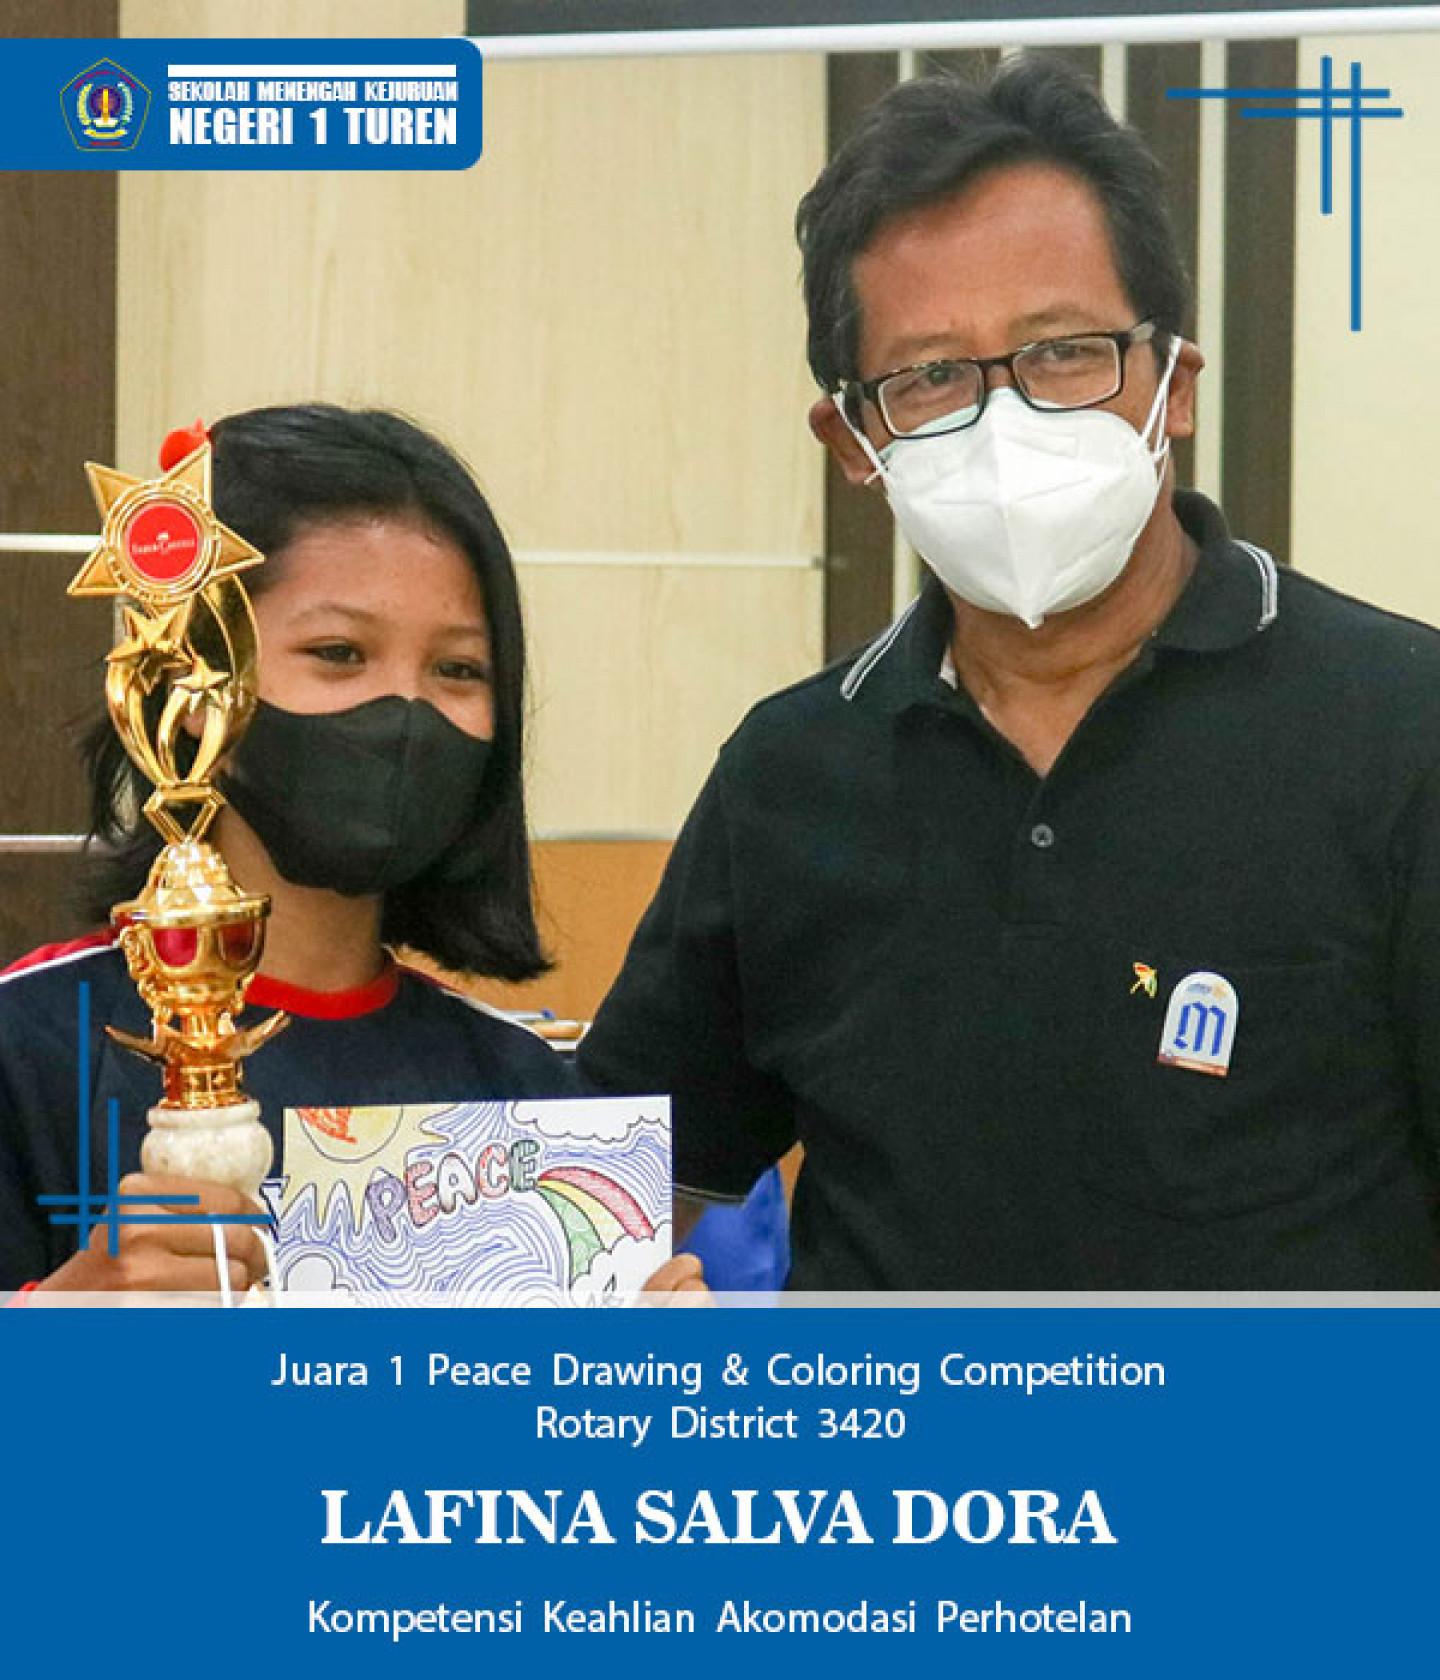 Rotary Lafina Salva Dora